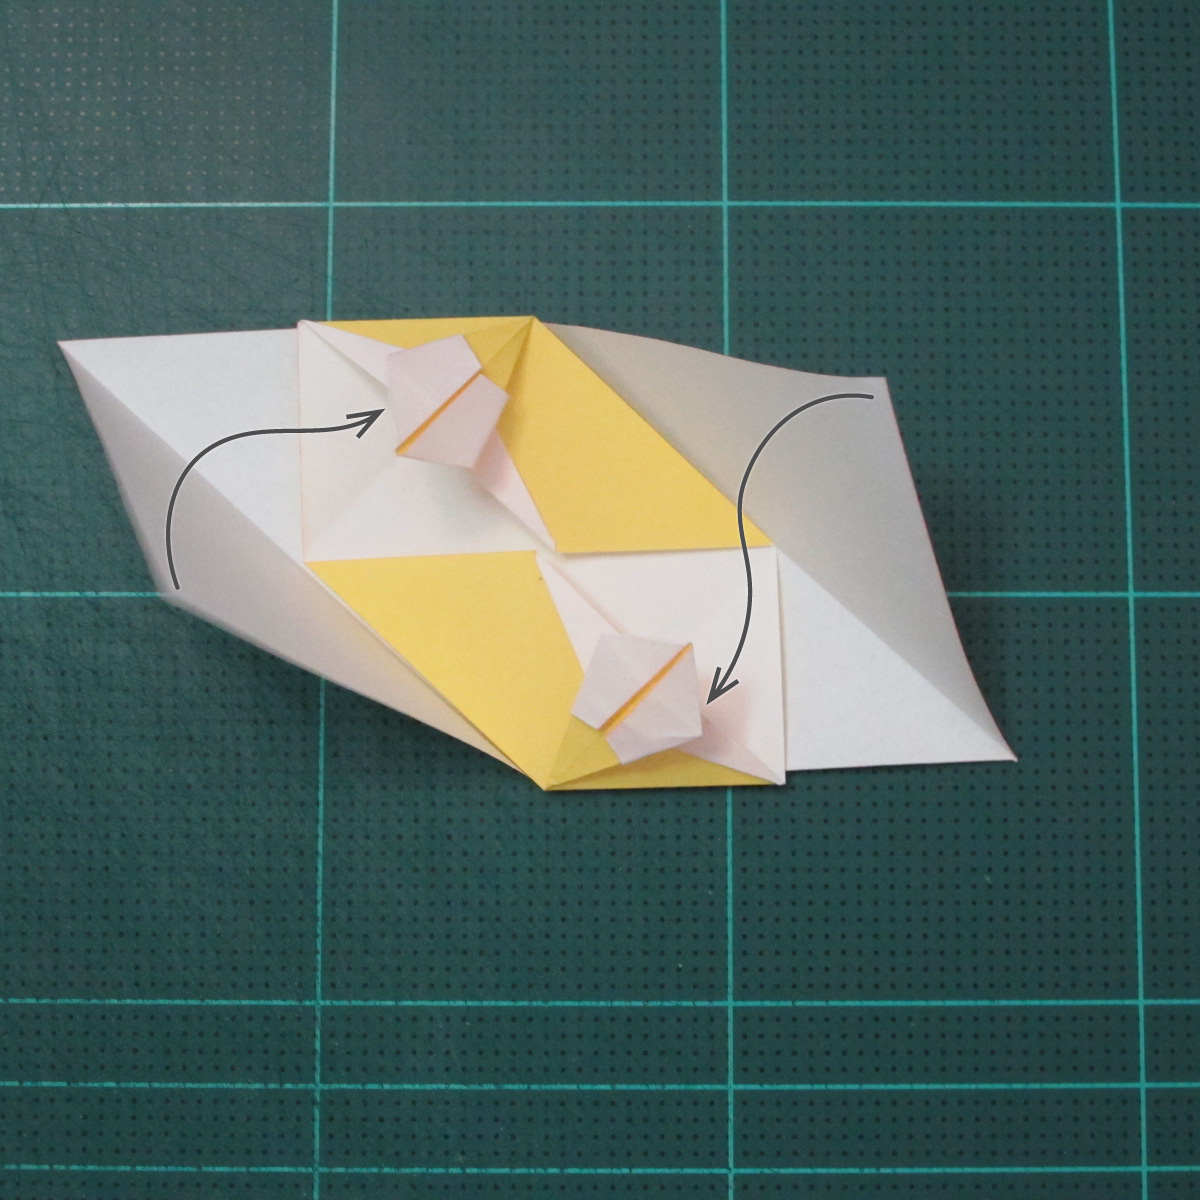 วิธีพับบอลกระดาษแบบเอสเตลล่าฟลอร์ (Estrella Flor Kusudama)012